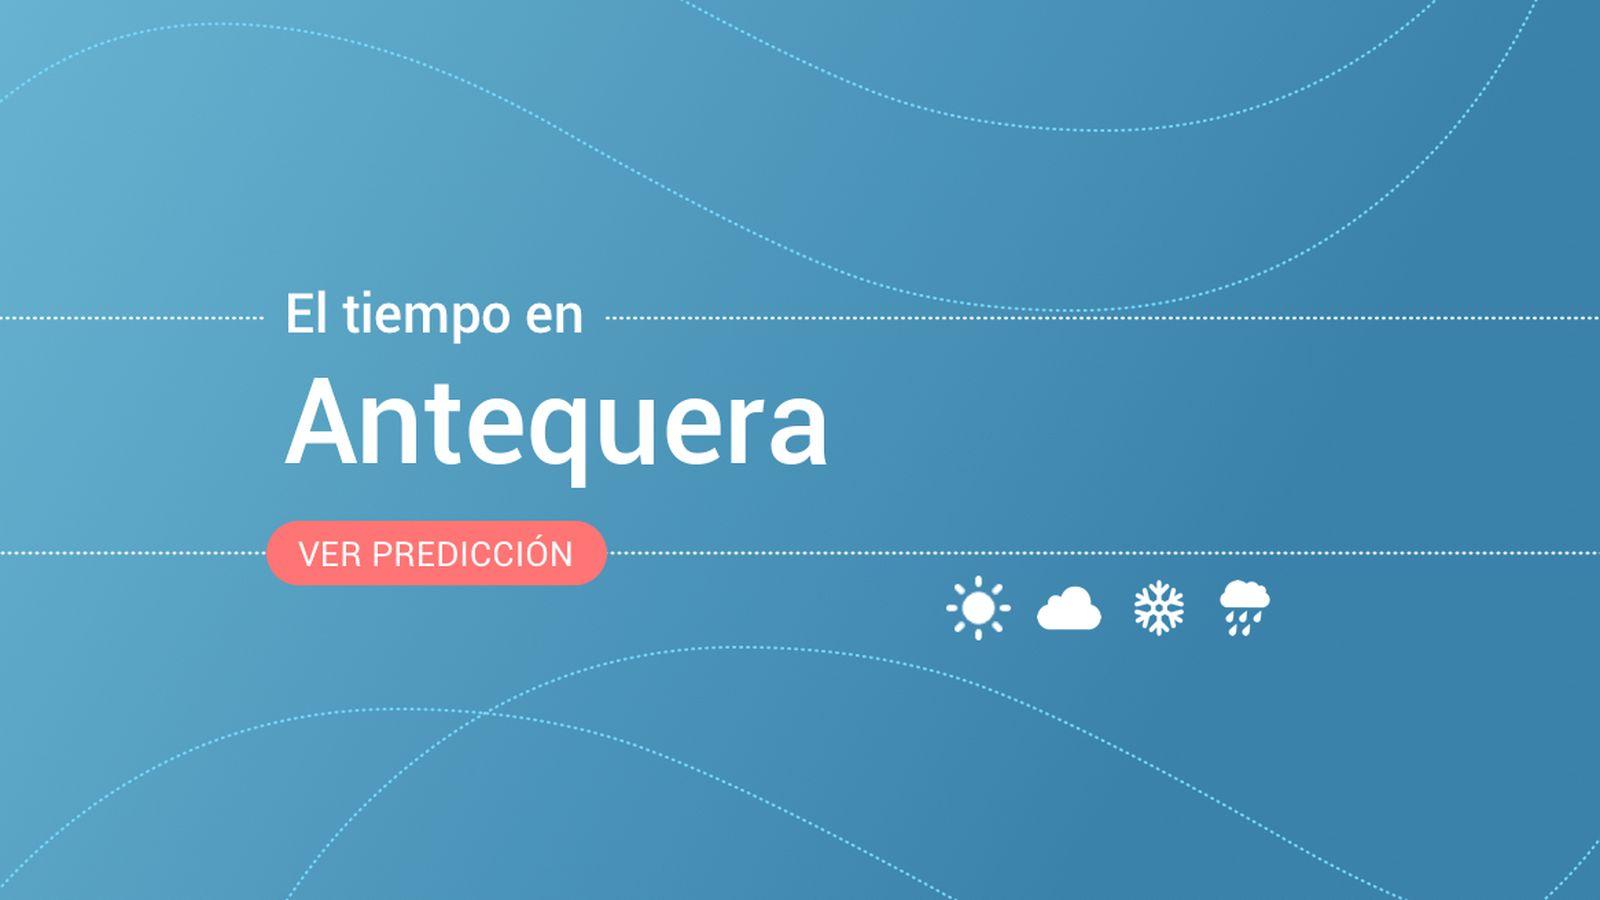 Foto: El tiempo en Antequera. (EC)